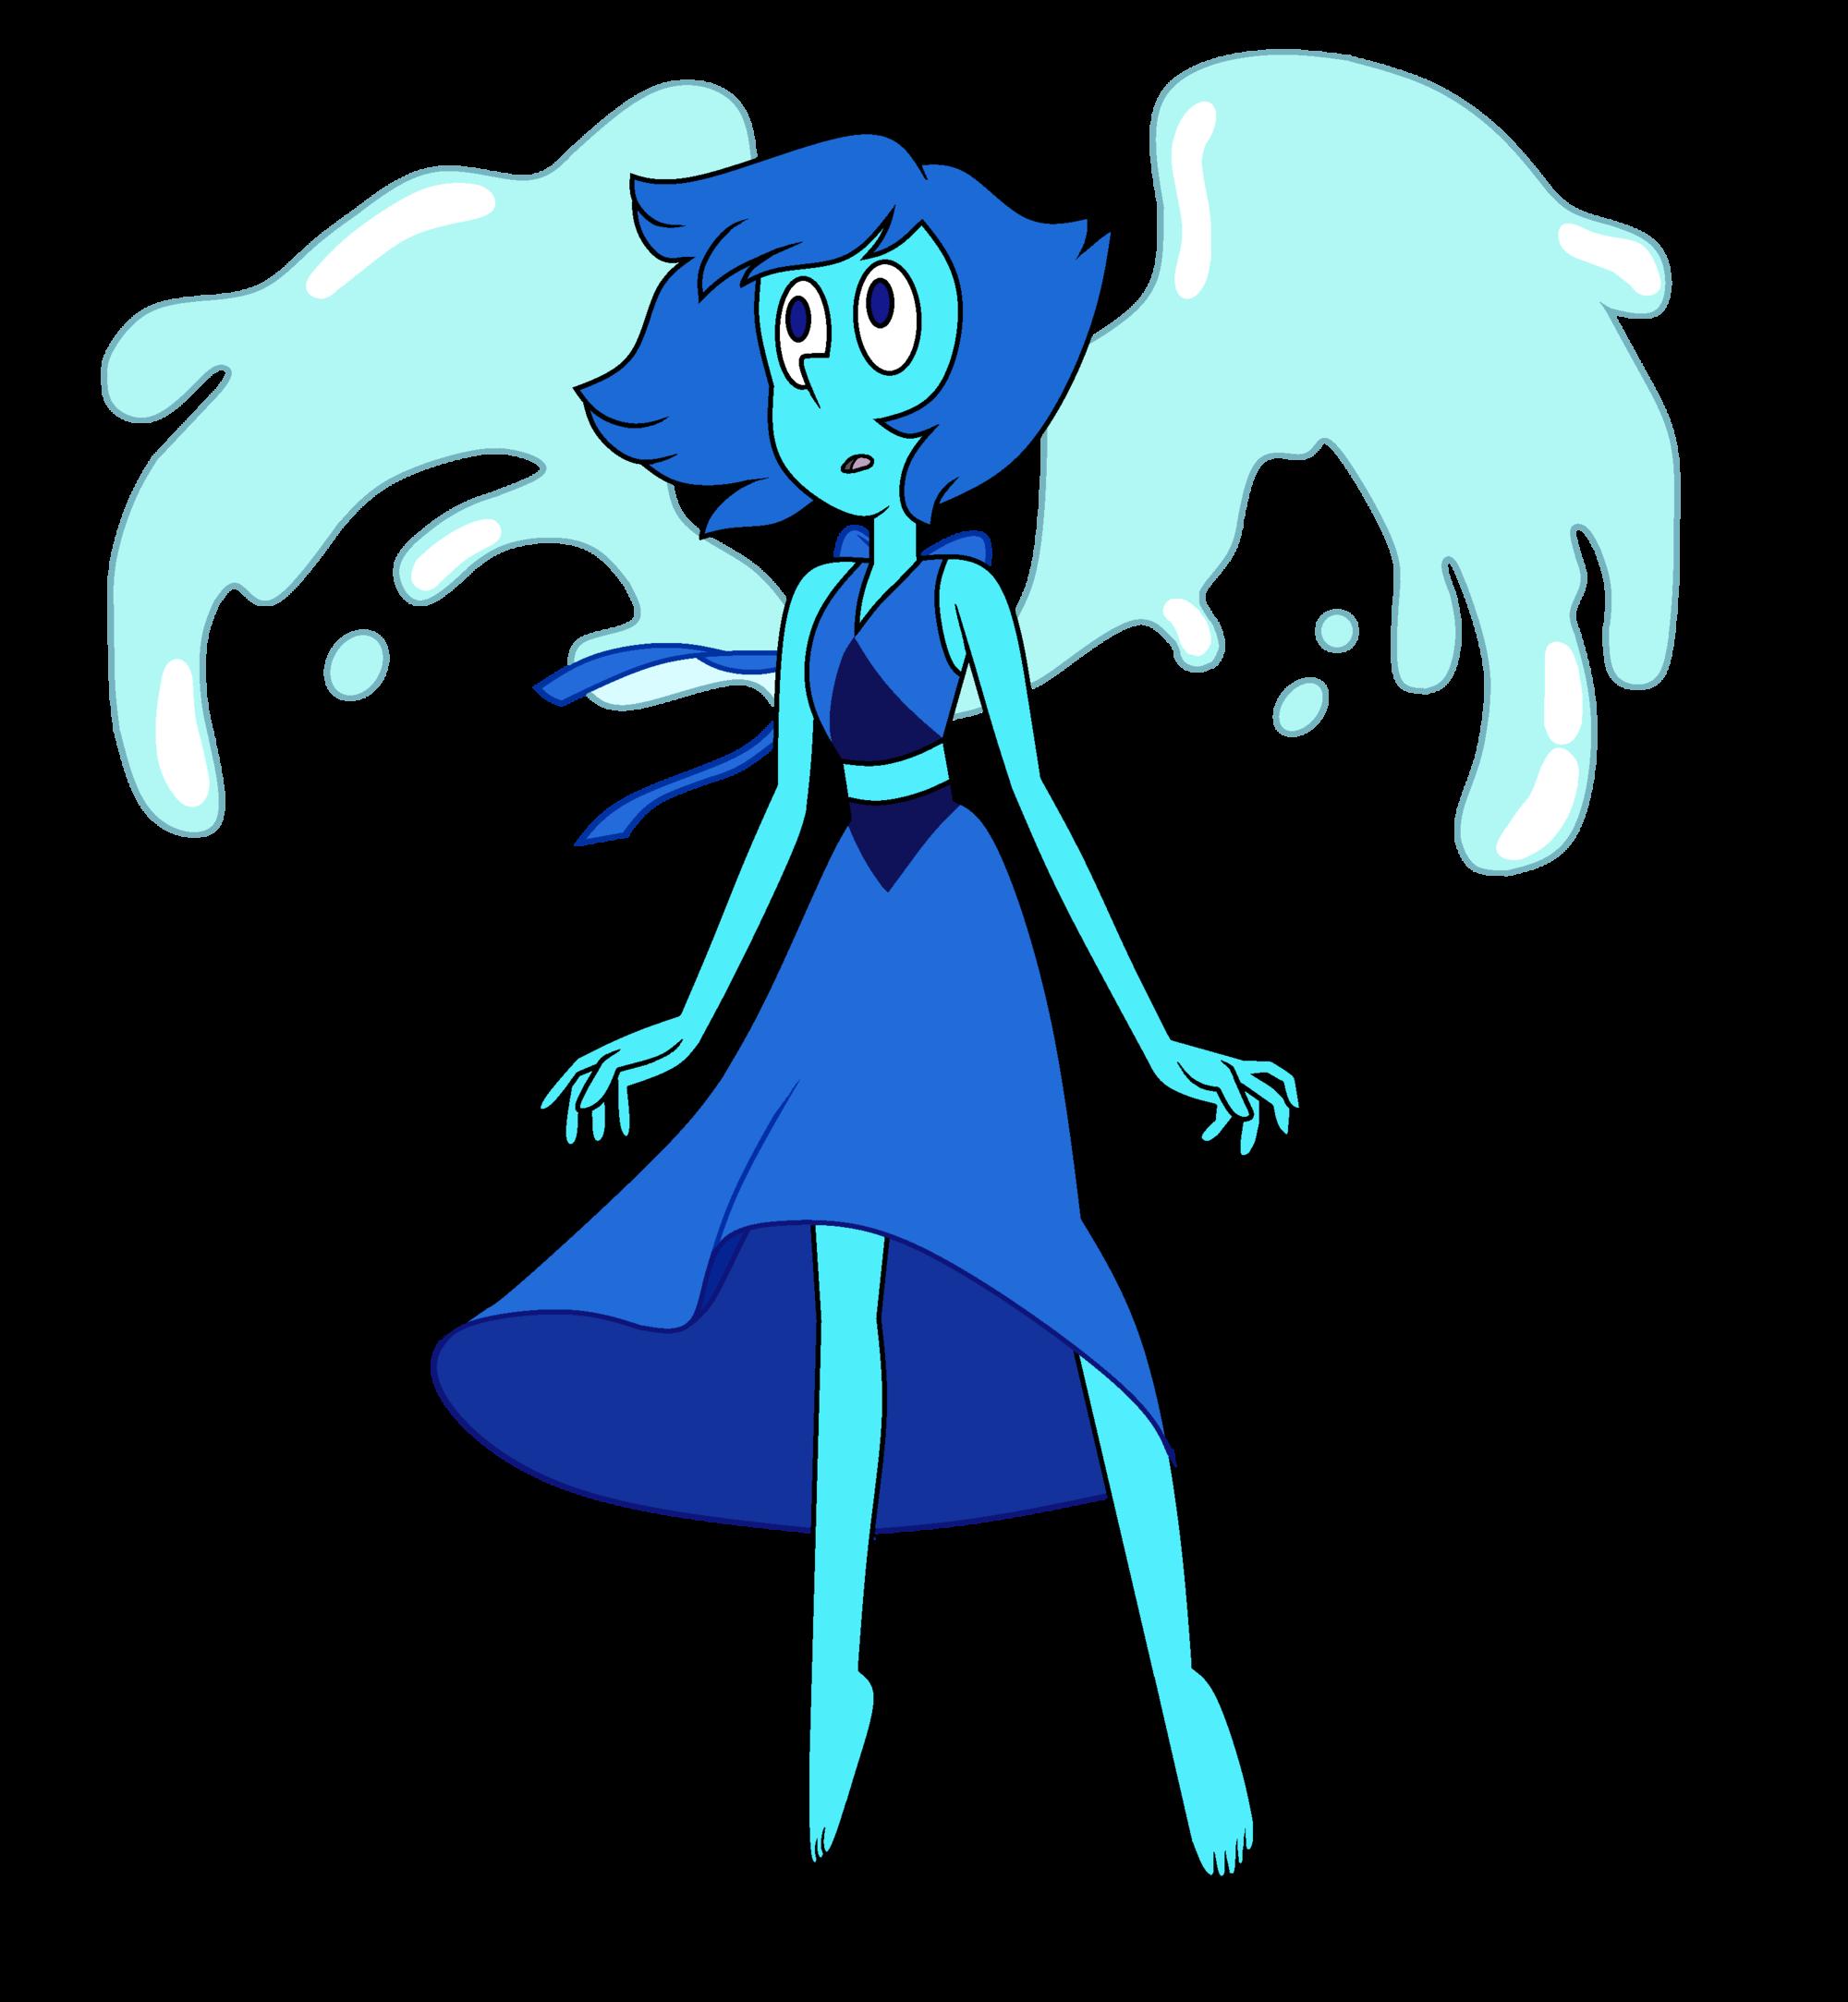 Fear clipart lonely guy. Lapis lazuli steven universe